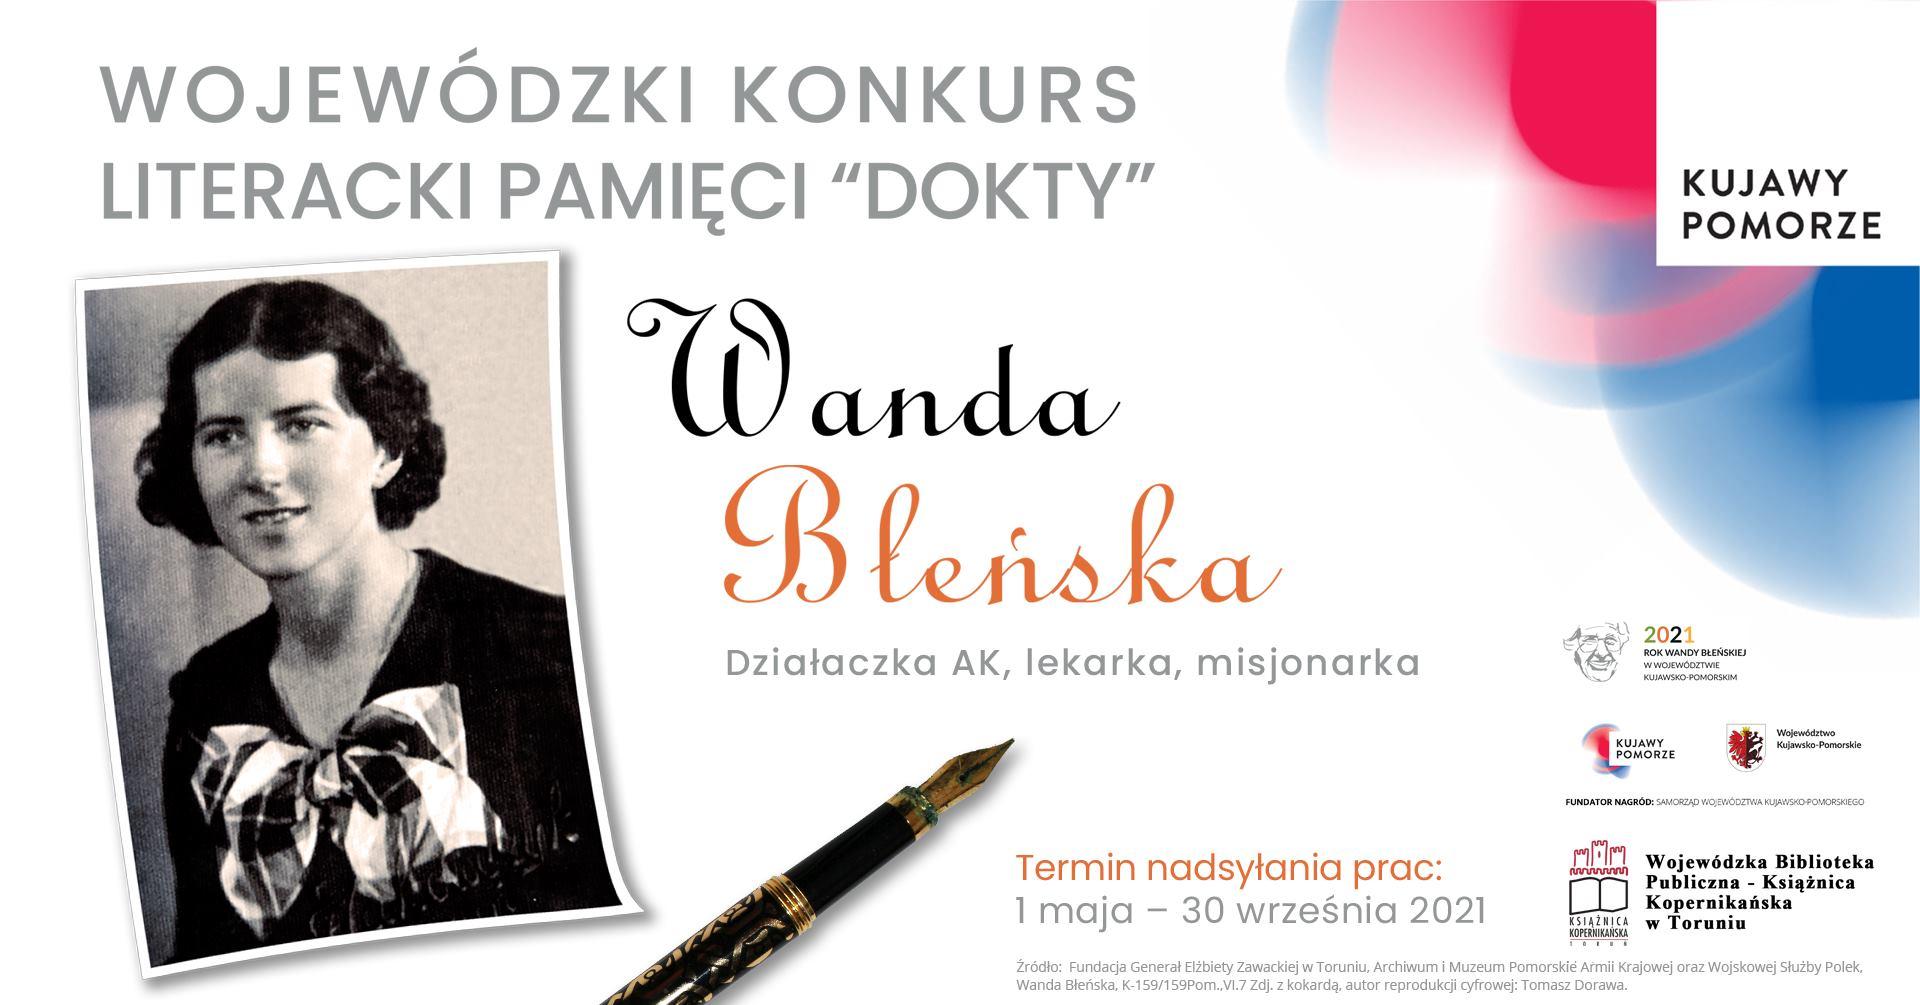 Wojewódzki Konkurs Literacki Pamięci Dokty: Wanda Błeńska, działaczka AK, lekarka, misjonarka